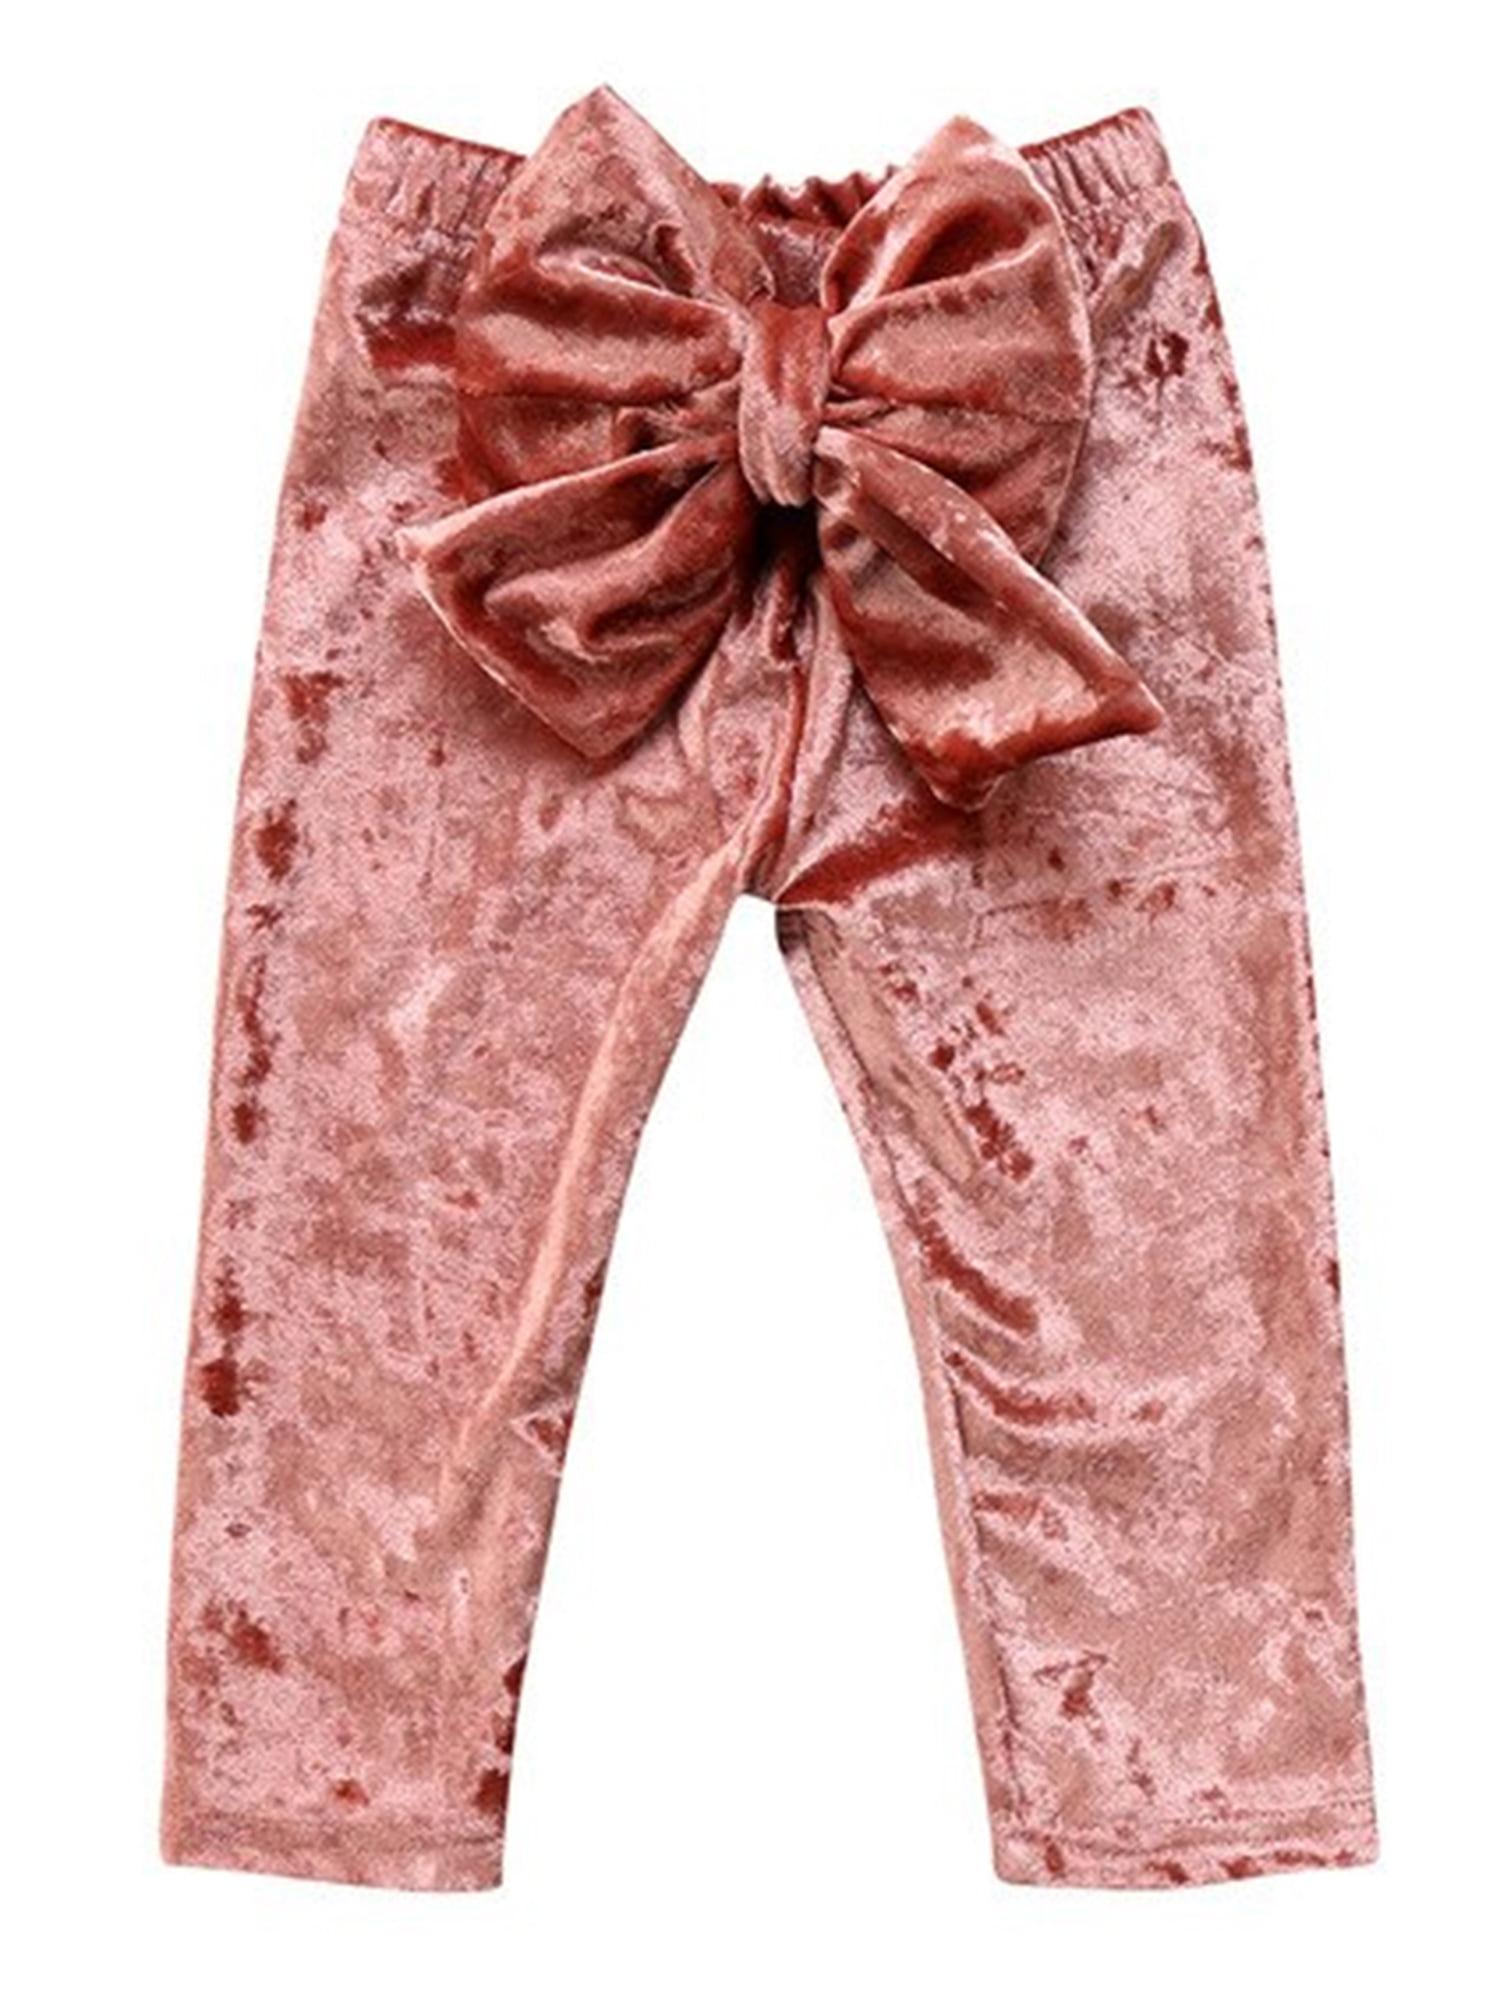 Baby Toddler Princess Girl Velvet Bowknot Soft Leggings Pants (Peach, 90/1-2 Years)